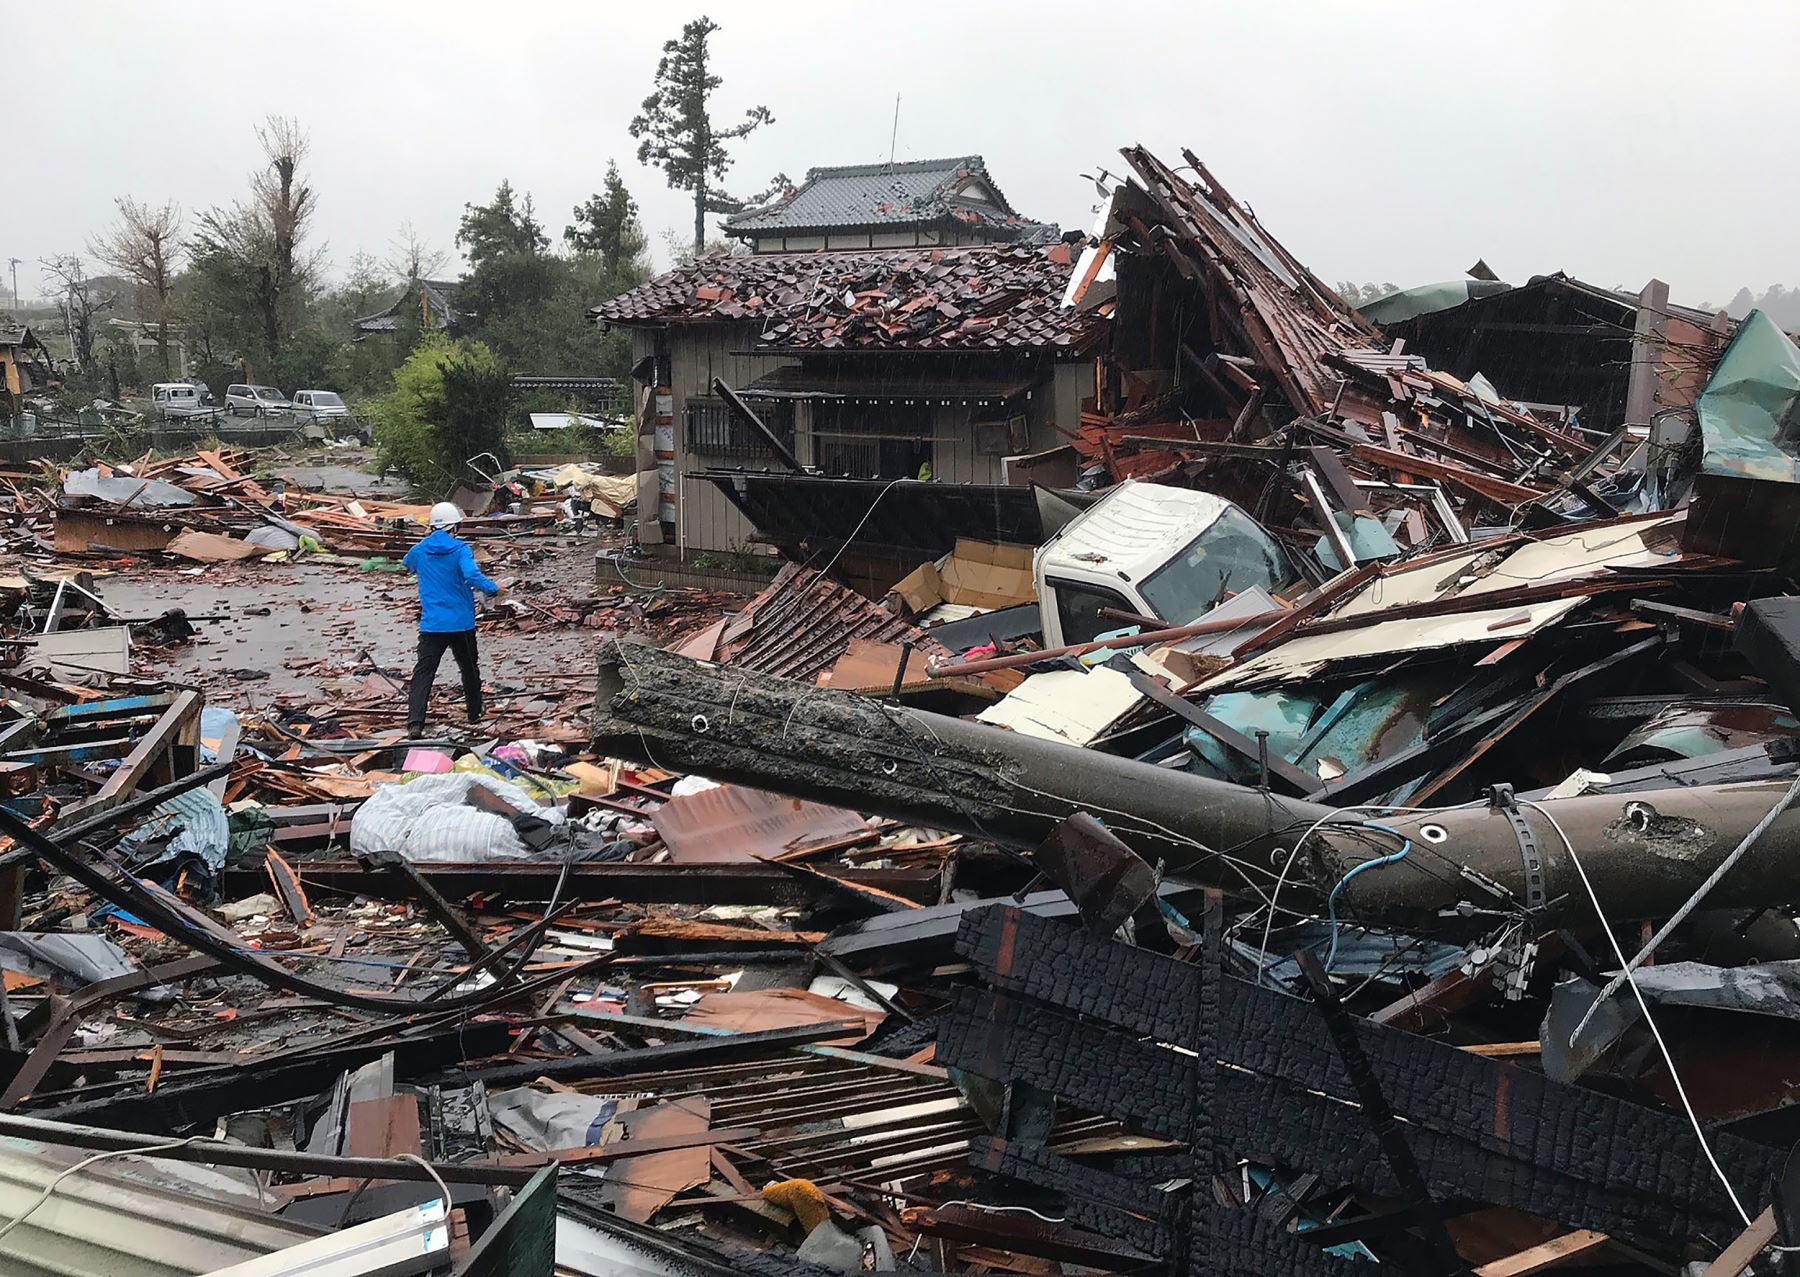 Casas dañadas causadas por los patrones climáticos del tifón Hagibis en Ichihara, Japón. Foto: AFP